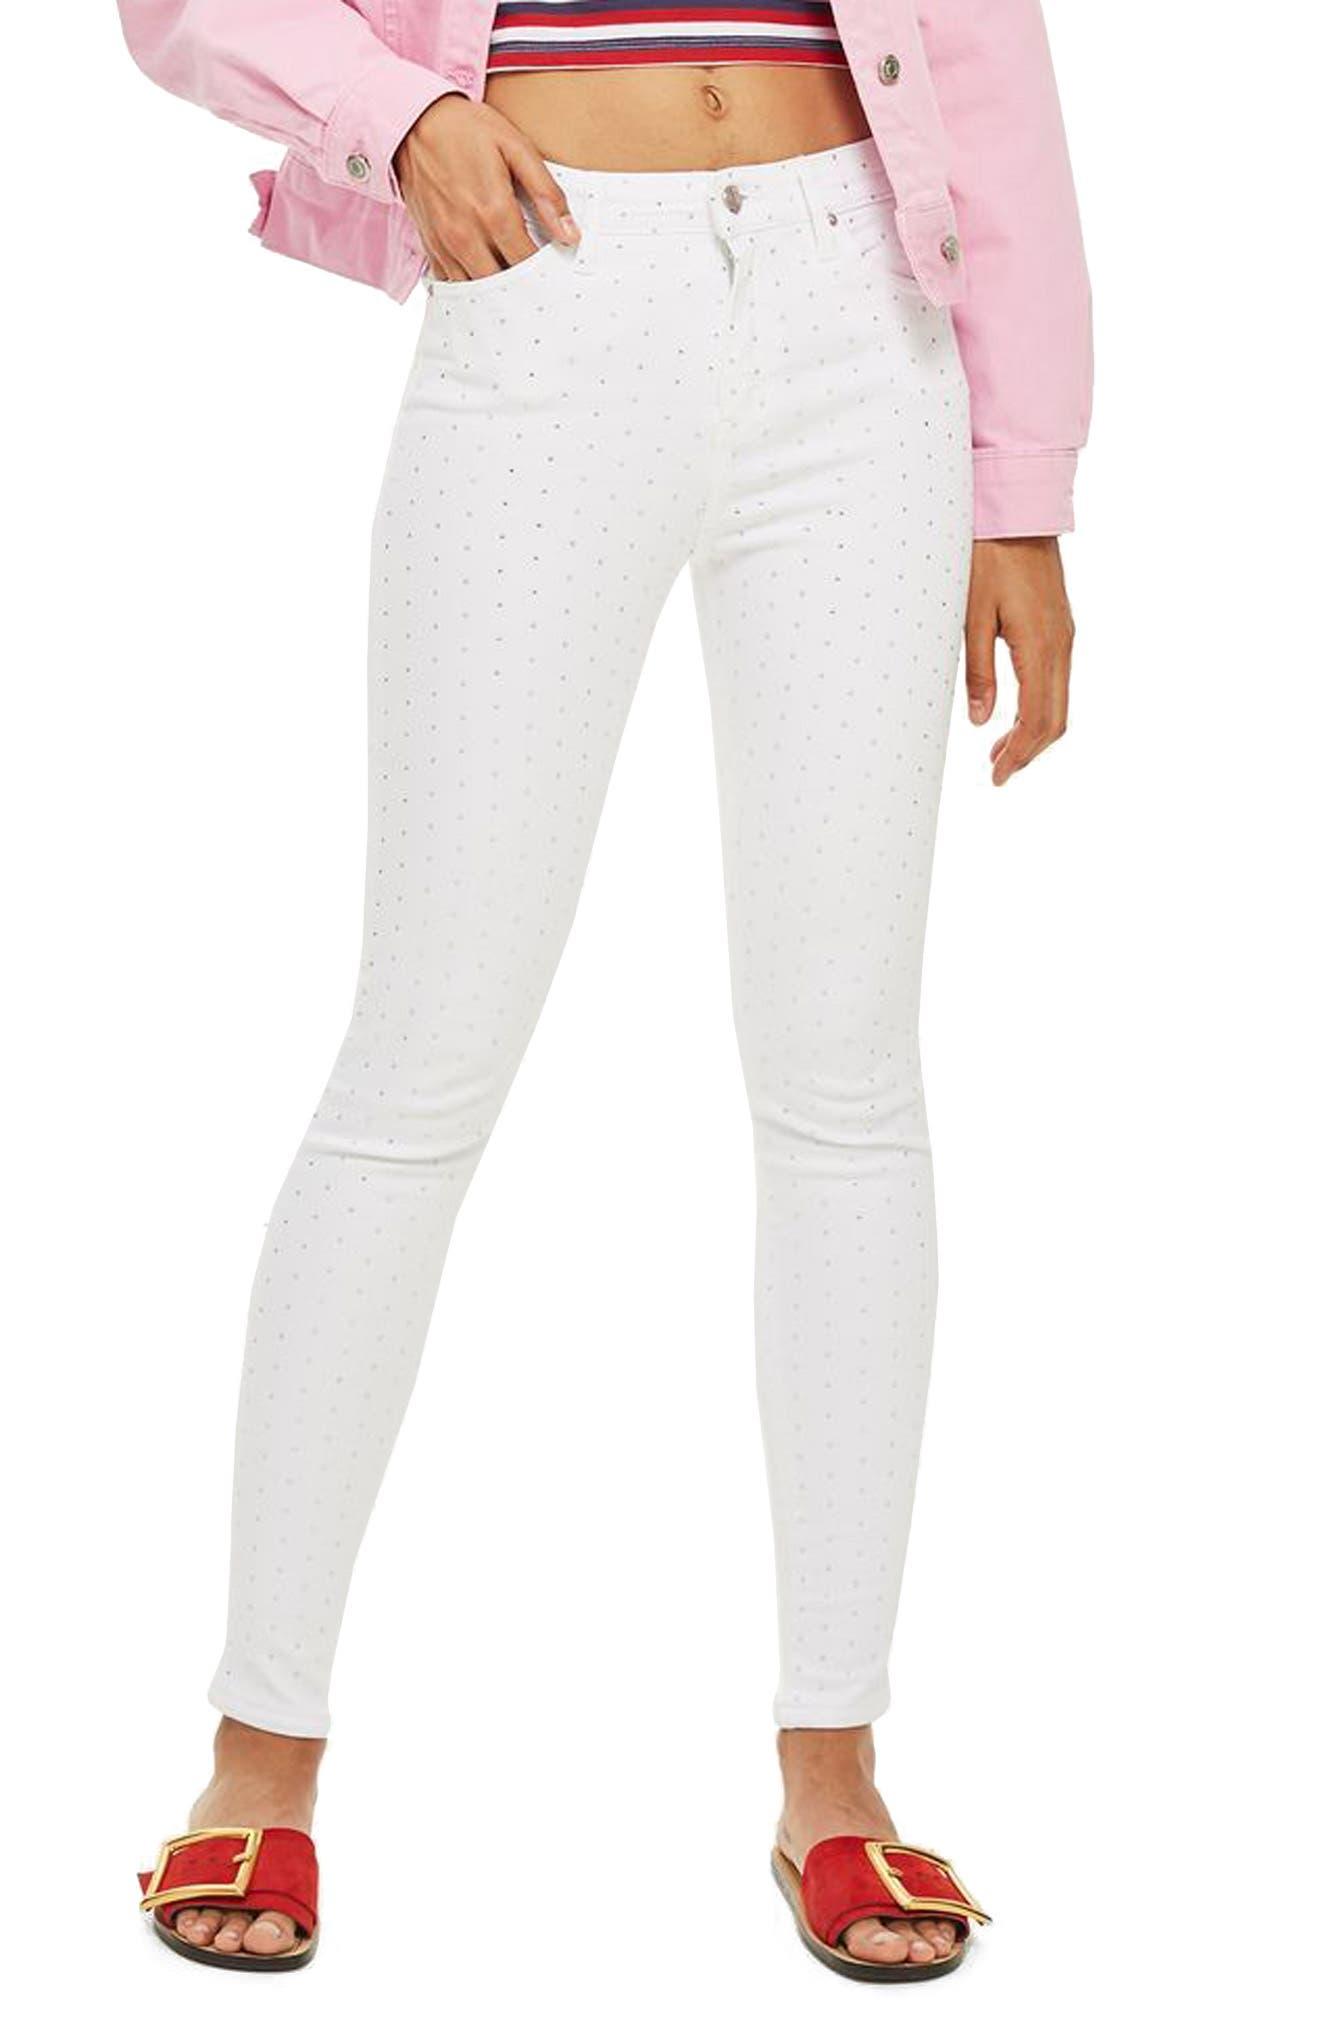 Jamie Diamante Skinny Jeans,                         Main,                         color, White